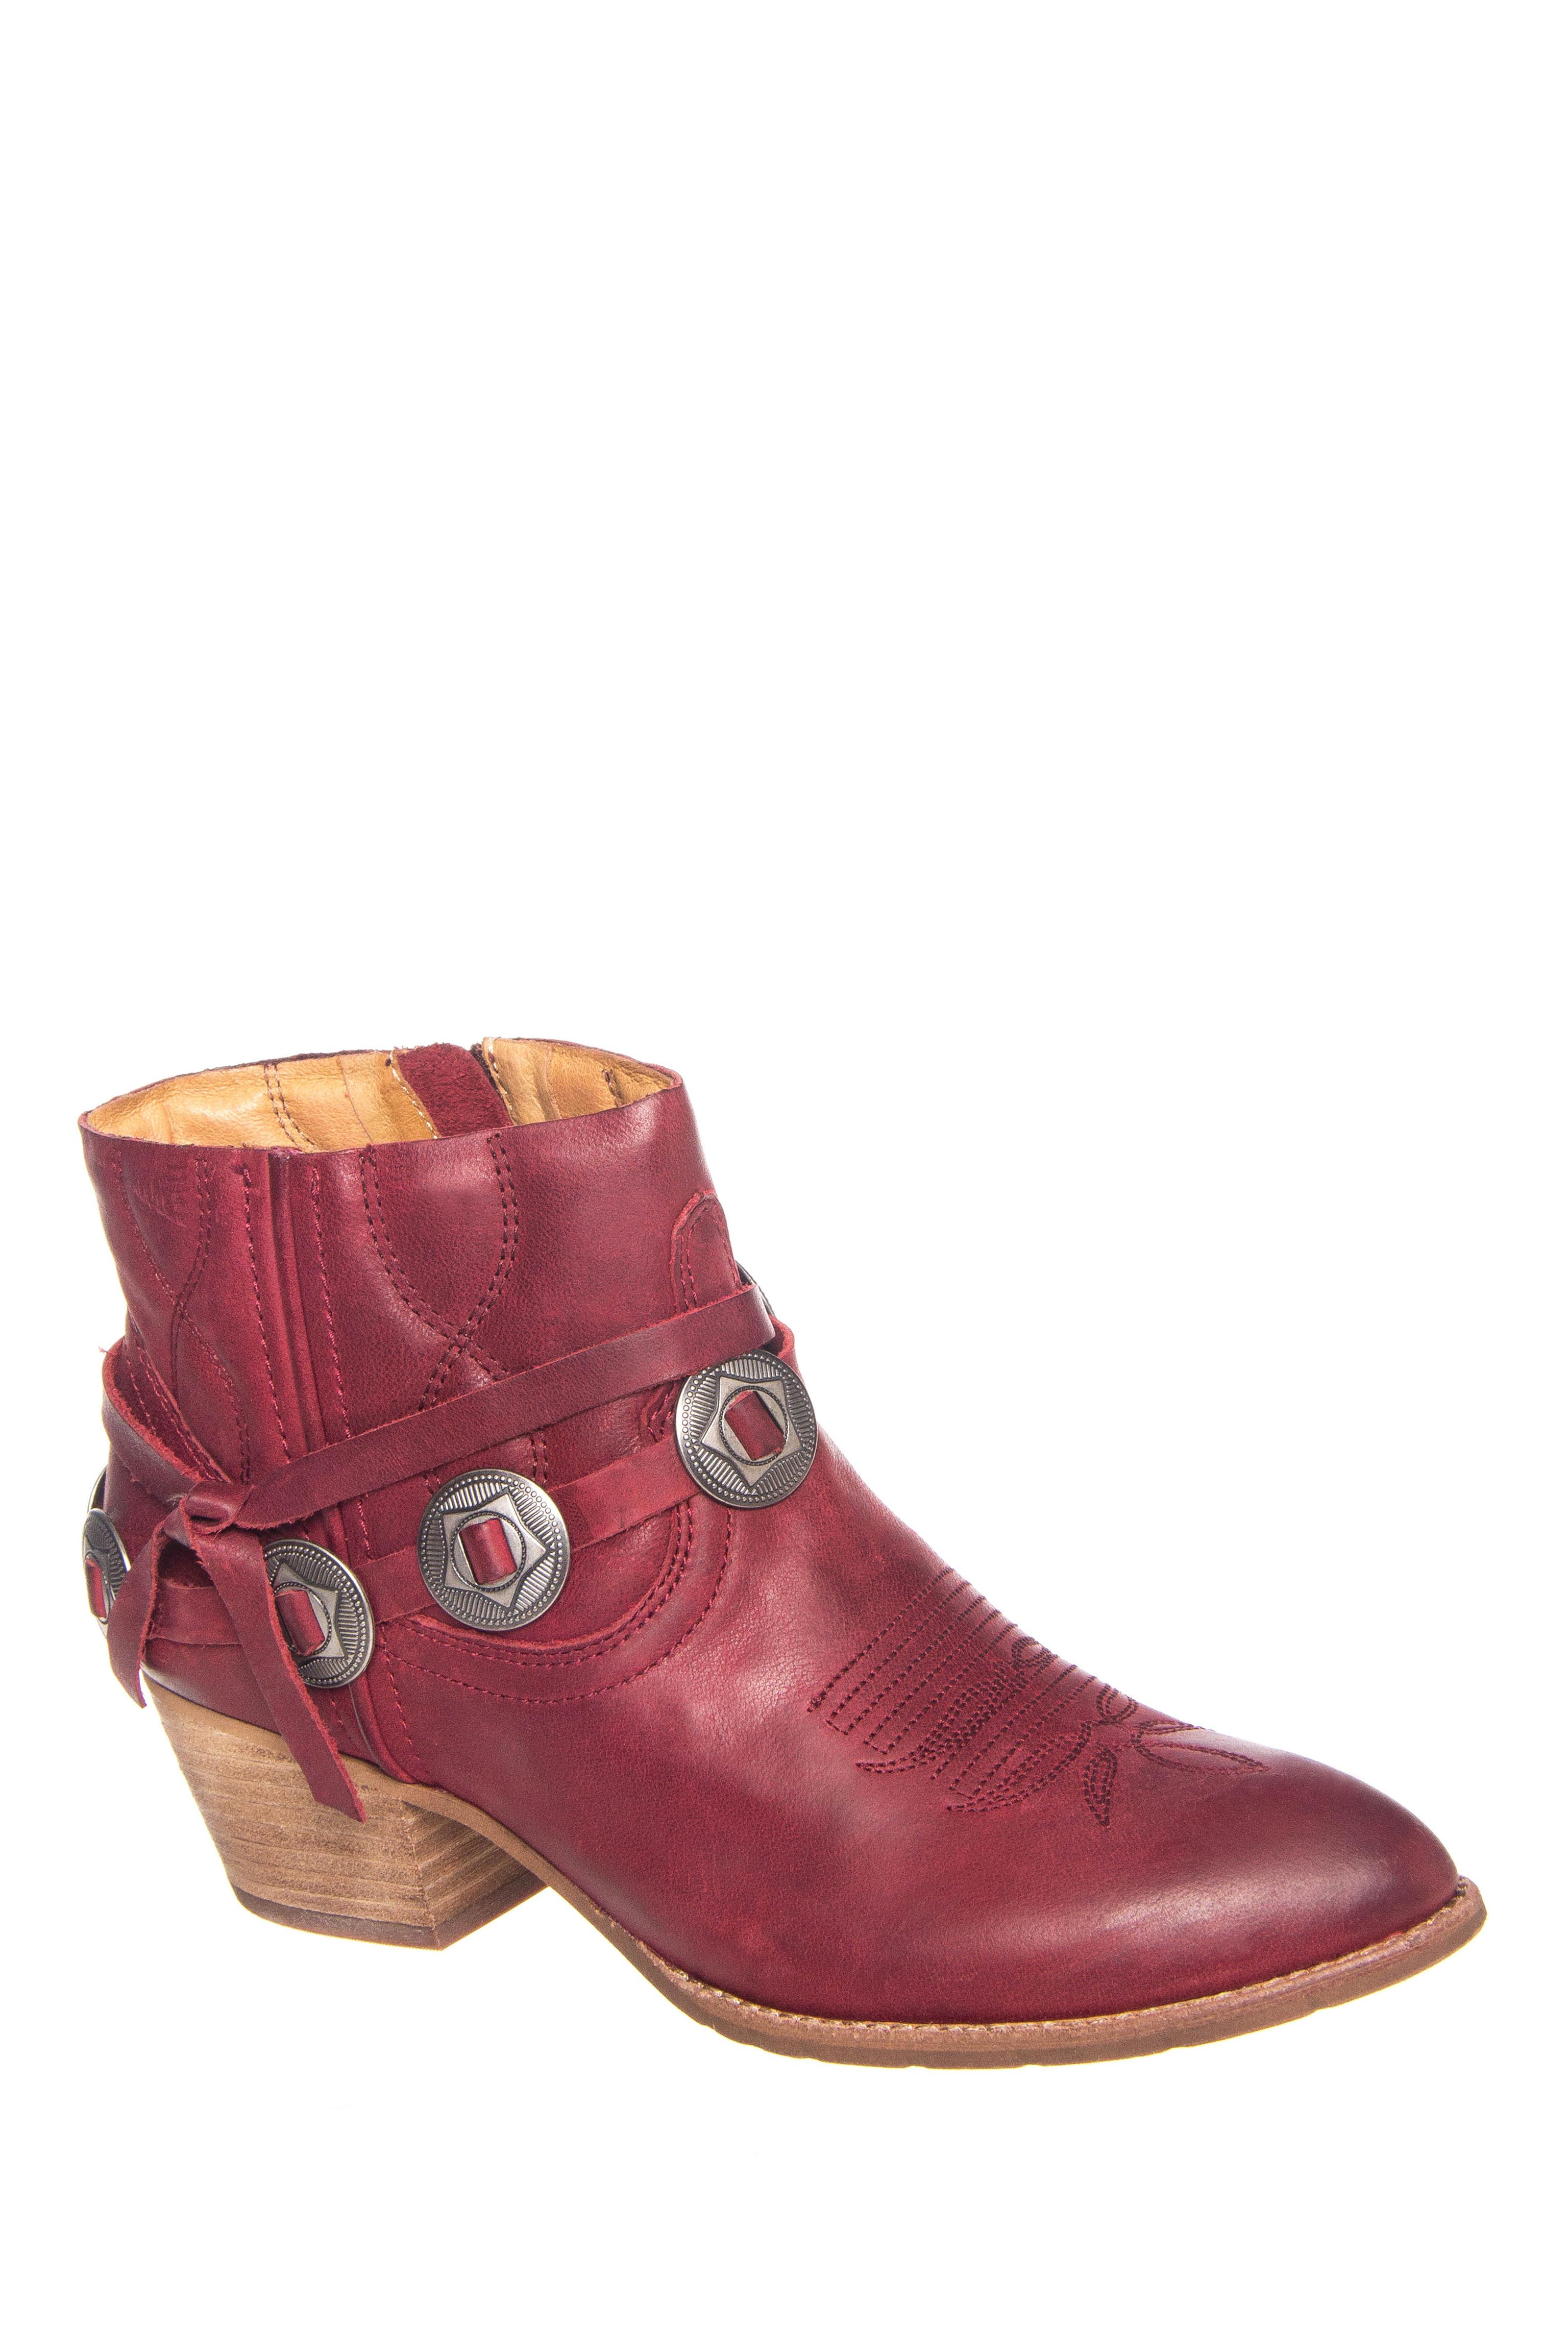 Dolce Vita Skye Mid Heel Ankle Booties - Red